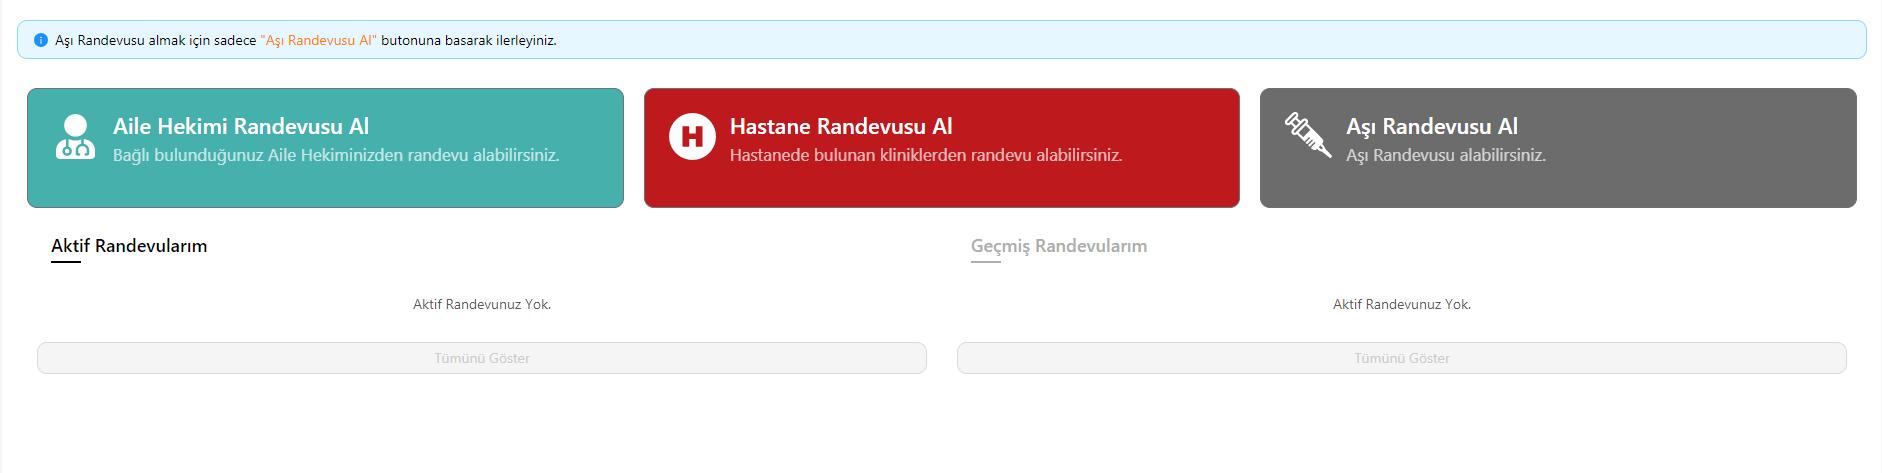 طلب موعد مشفى جديد في تركيا